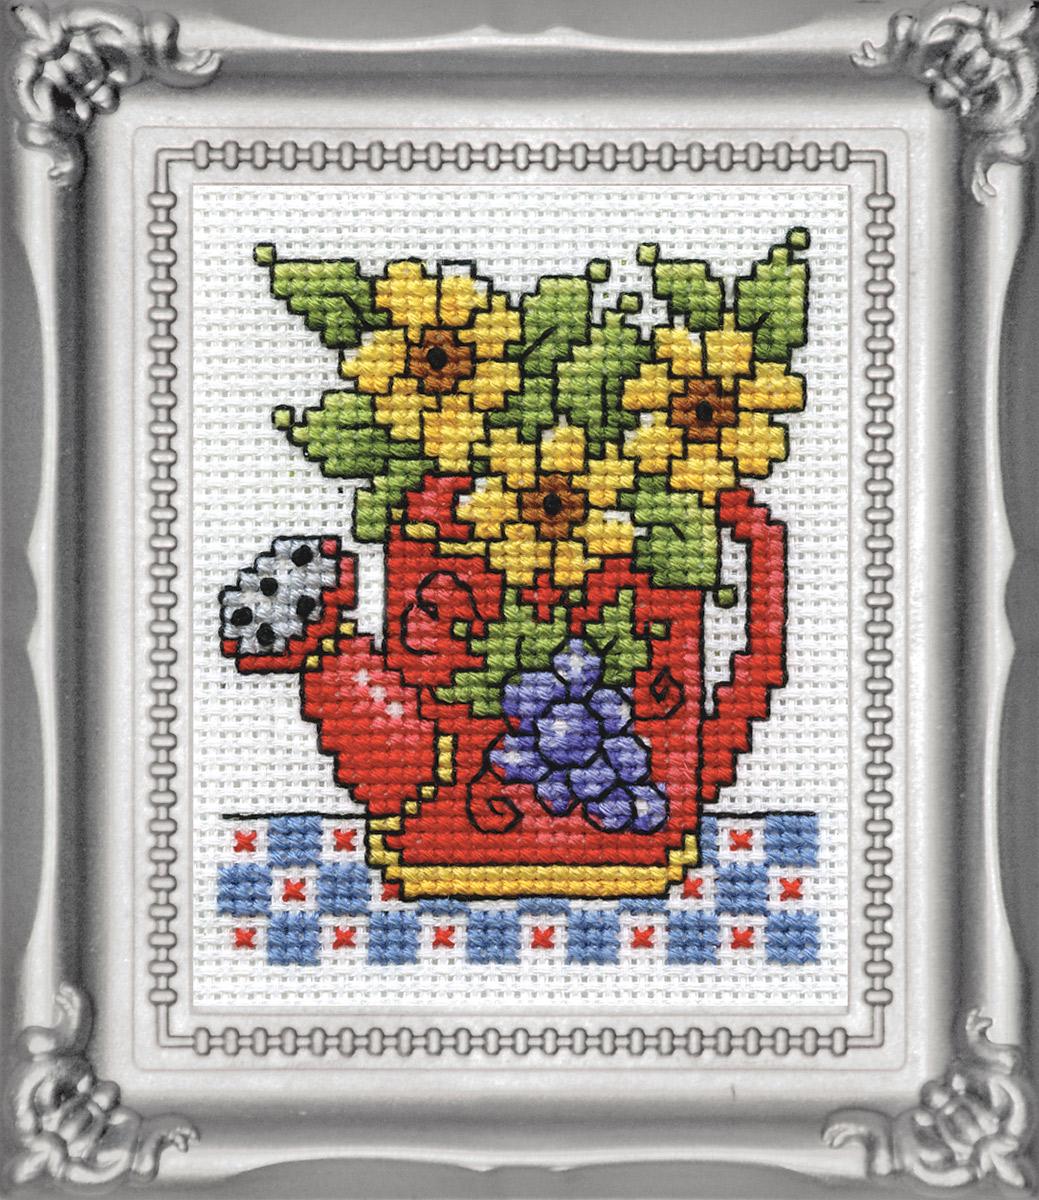 Набор для вышивания крестом Design Works Лейка, 5 х 8 см603Канва Аида 14 (100% хлопок), нитки мулине (100% хлопок), игла, подробная инструкция со схемой вышивки на русском языке, рамка